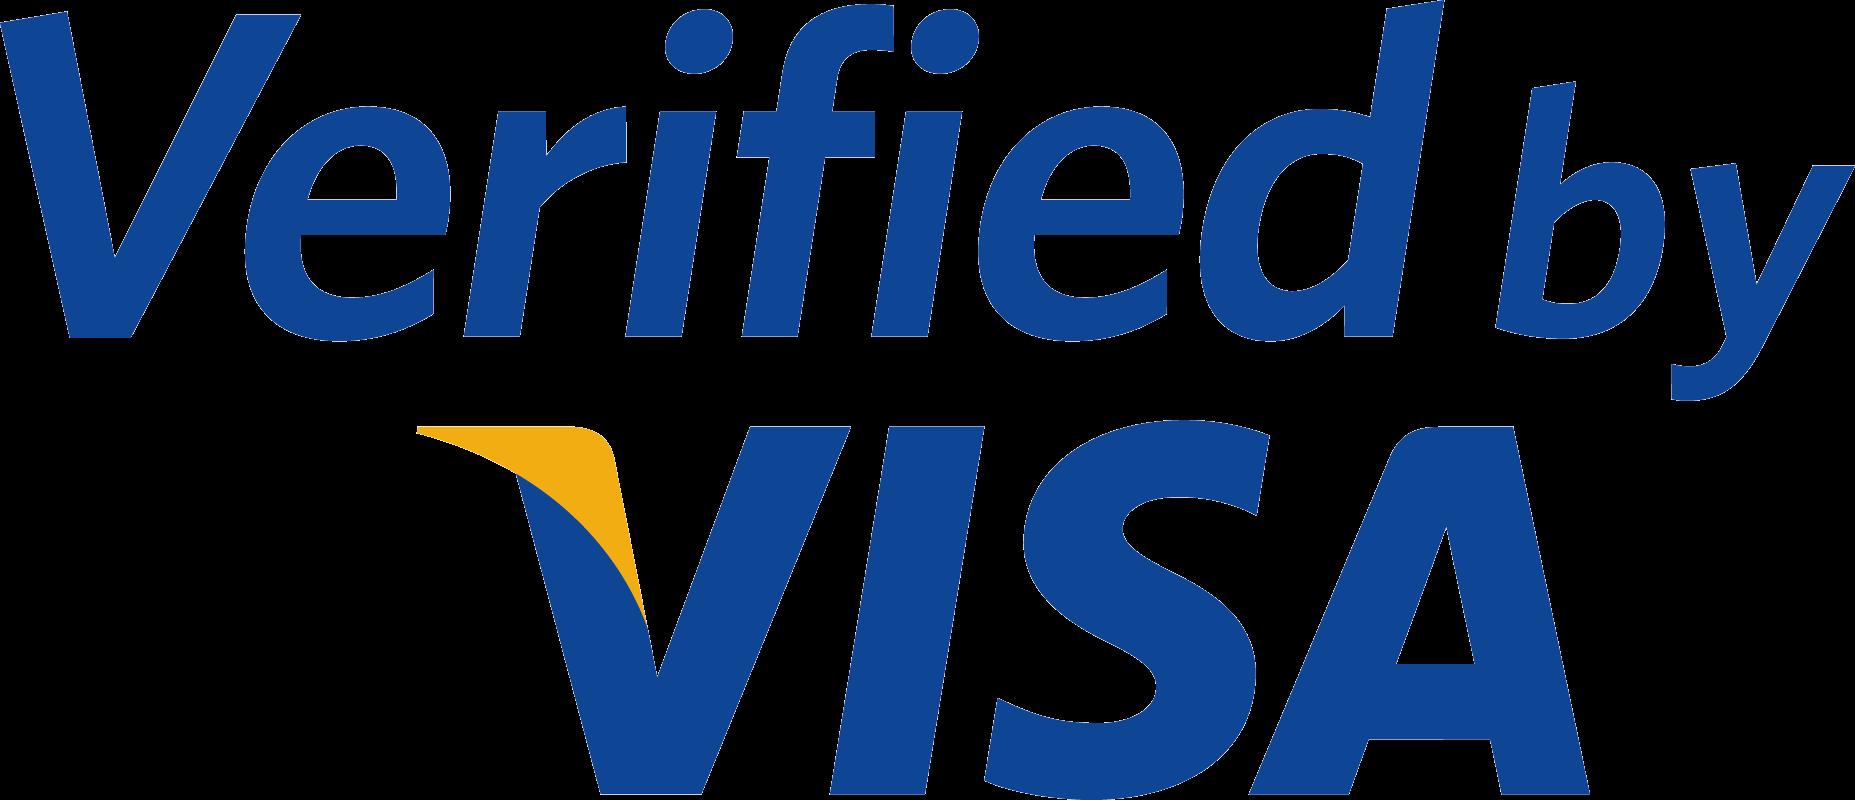 logo paiement visa verified